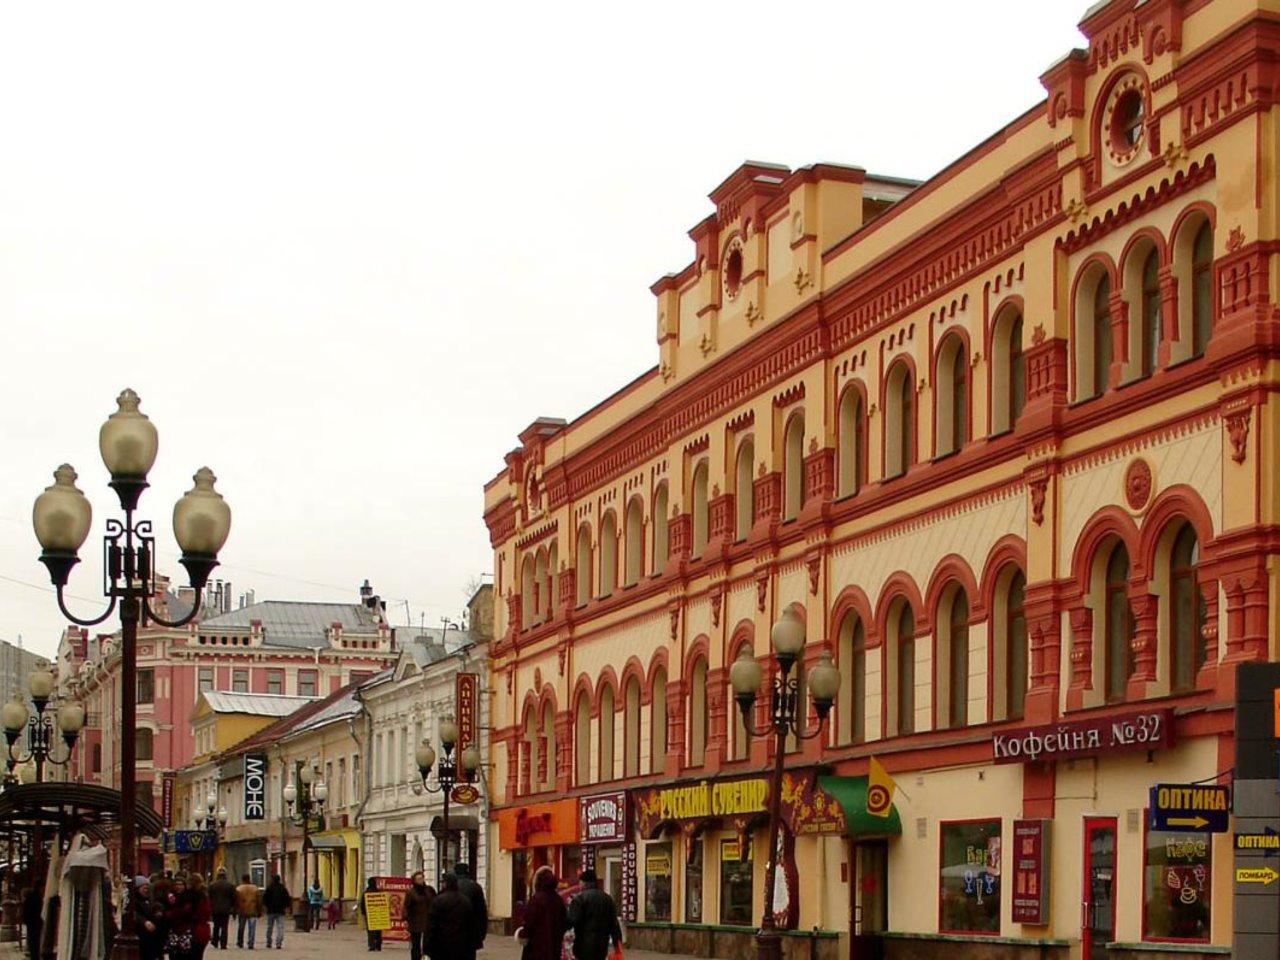 Ах, Арбат, мой Арбат - индивидуальная экскурсия по Москве от опытного гида